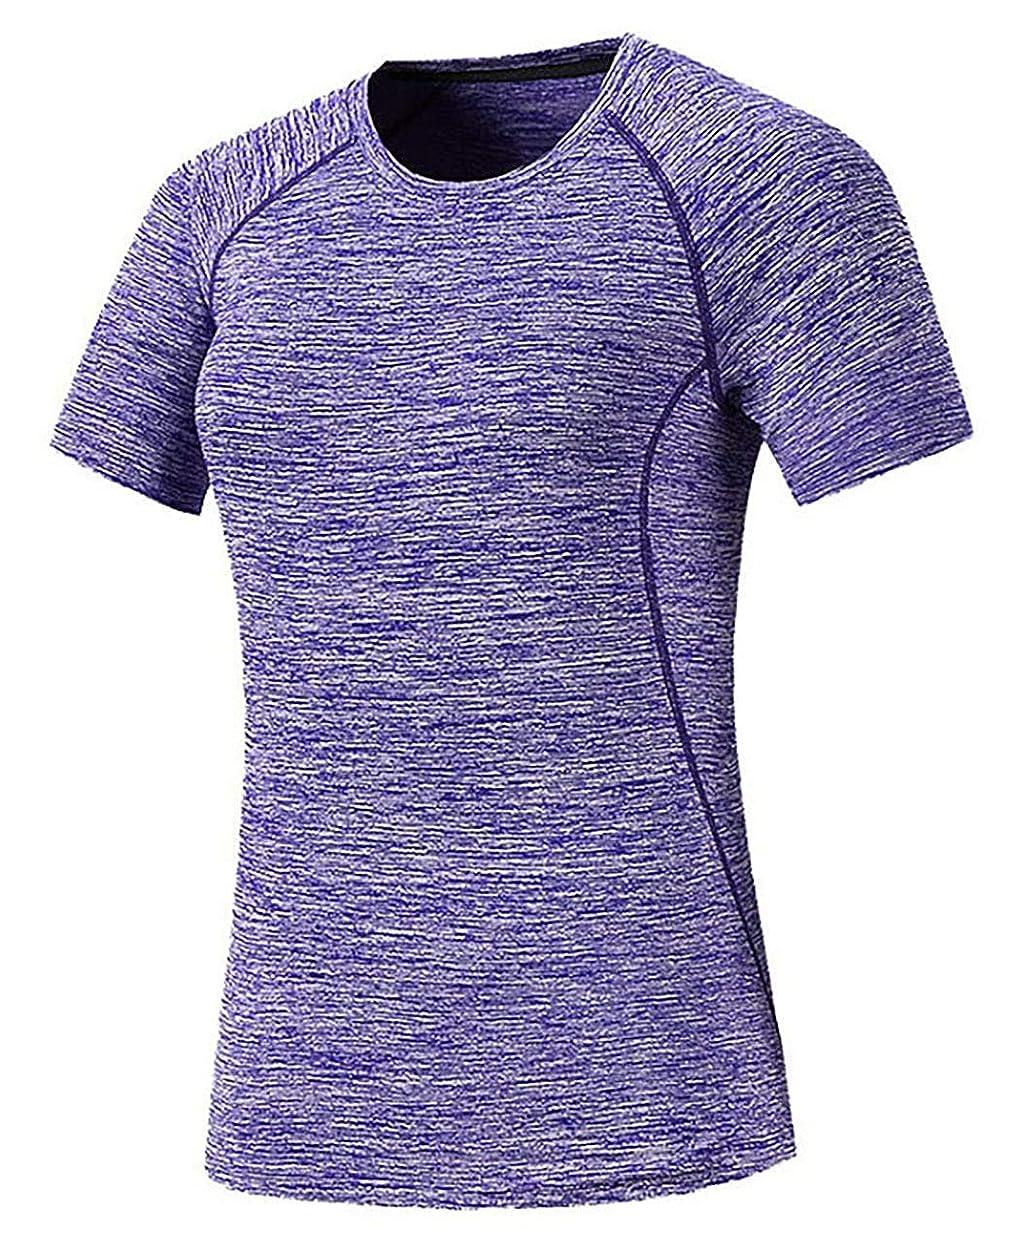 ささやき社会メロディー[ジェームズ?スクエア] レディース 速乾 ドライ Tシャツ スポーツ トレーニング シャツ 半袖